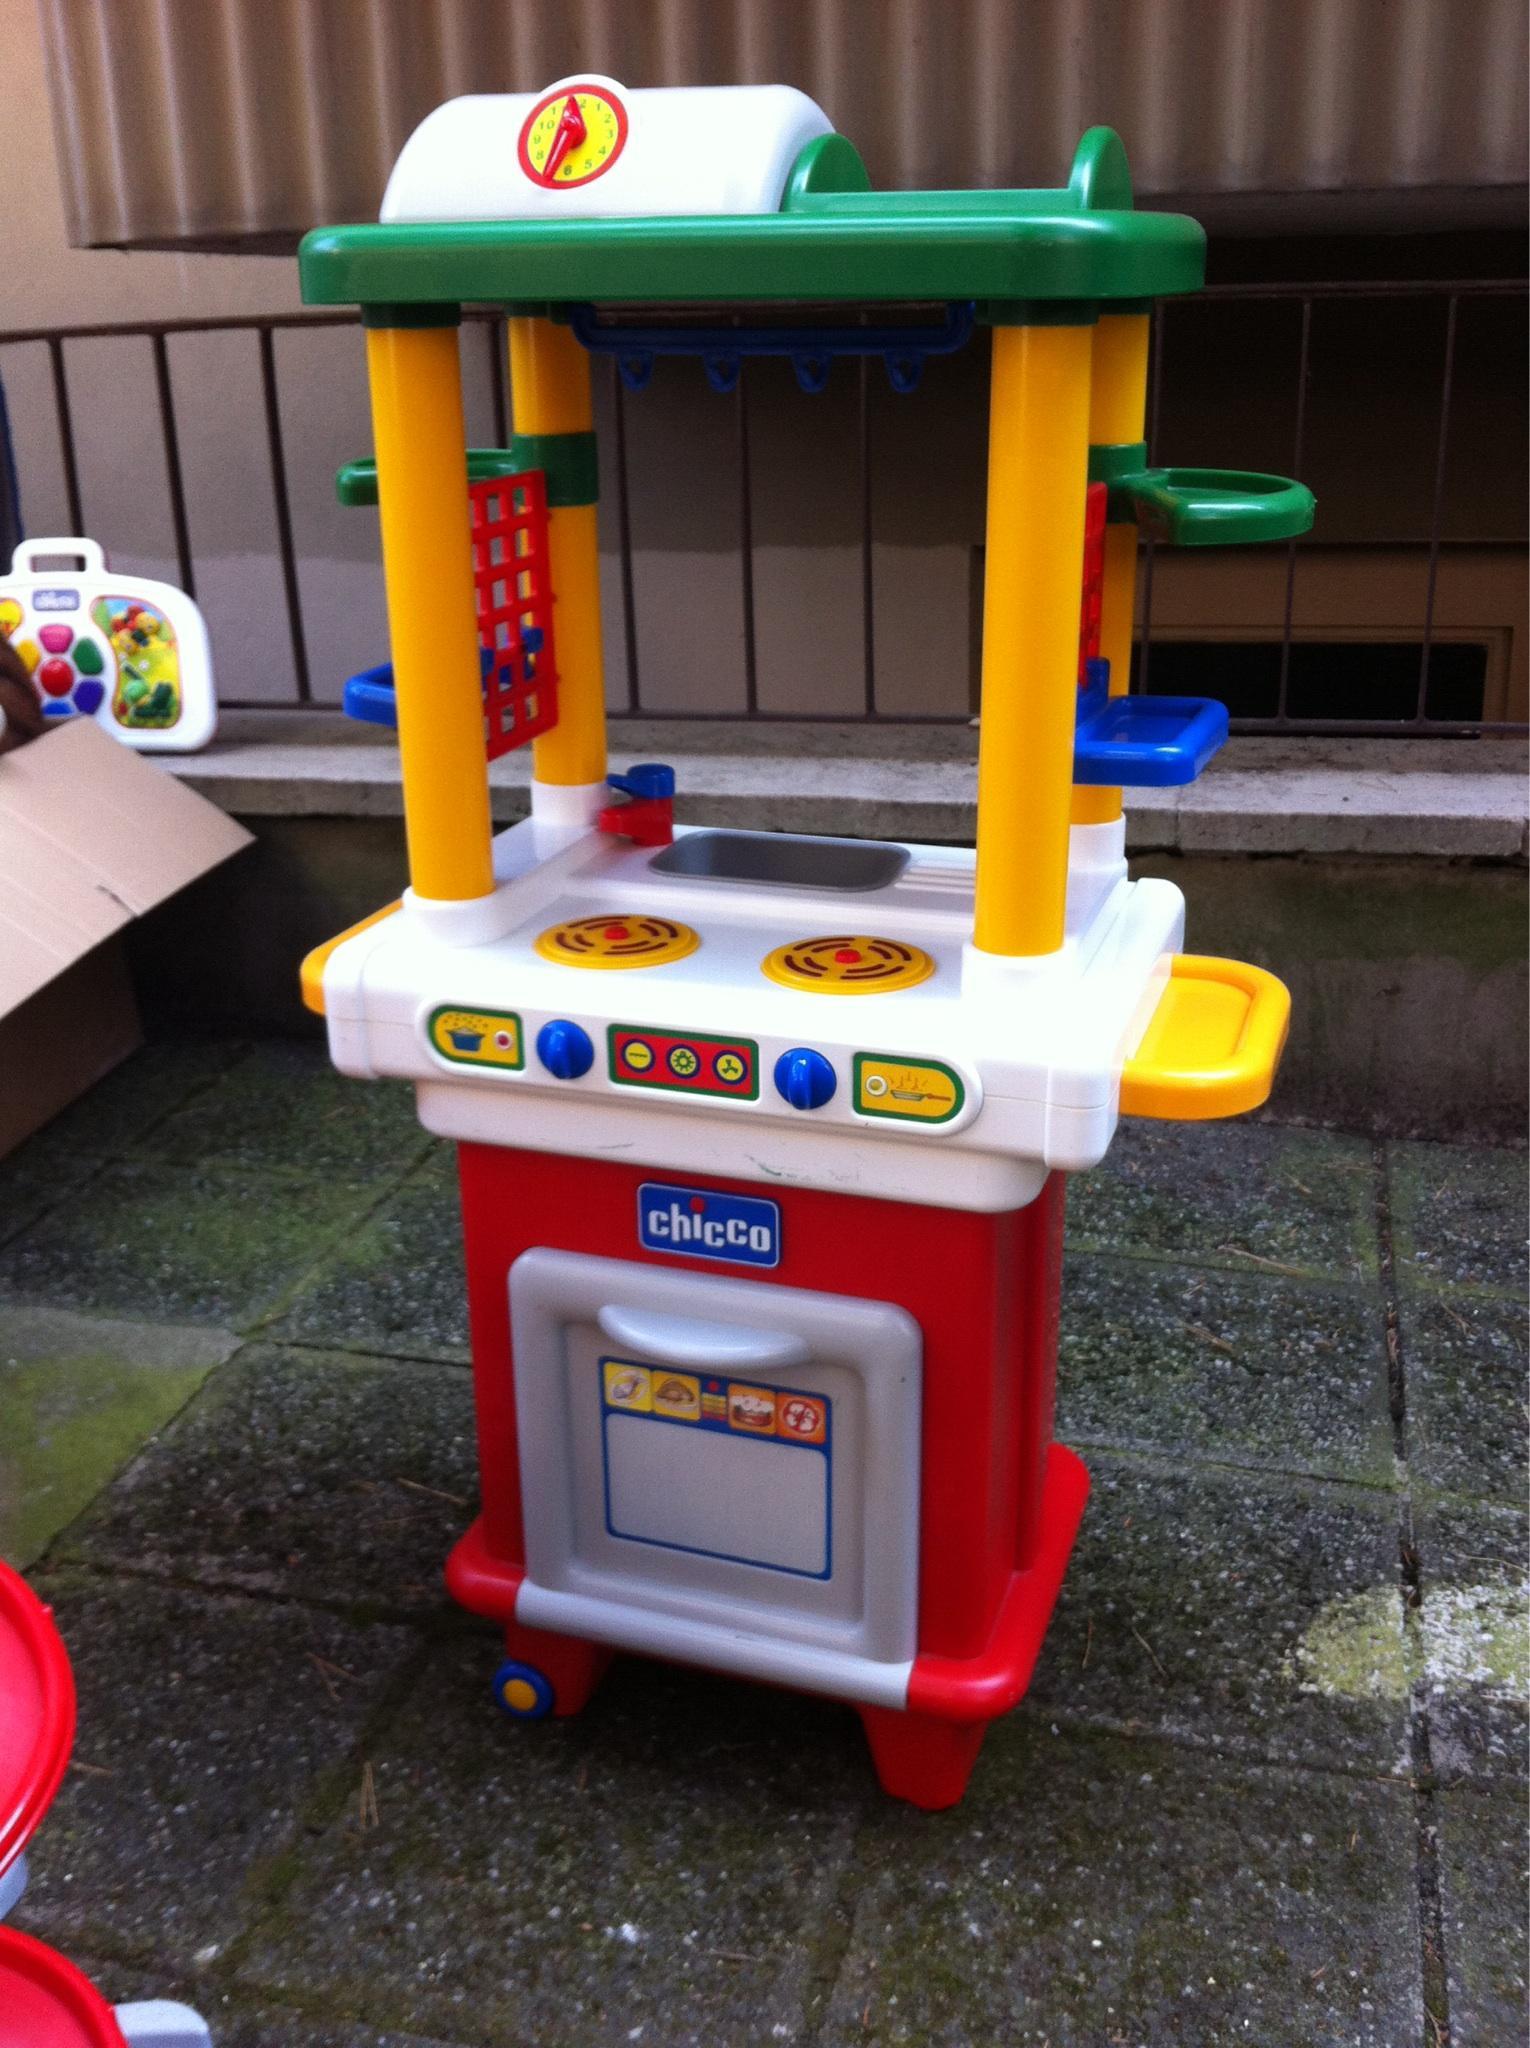 Spielküche Gebraucht Gebraucht Chicco Spielküche In 90403 Nürnberg Um 25 00  Shpock